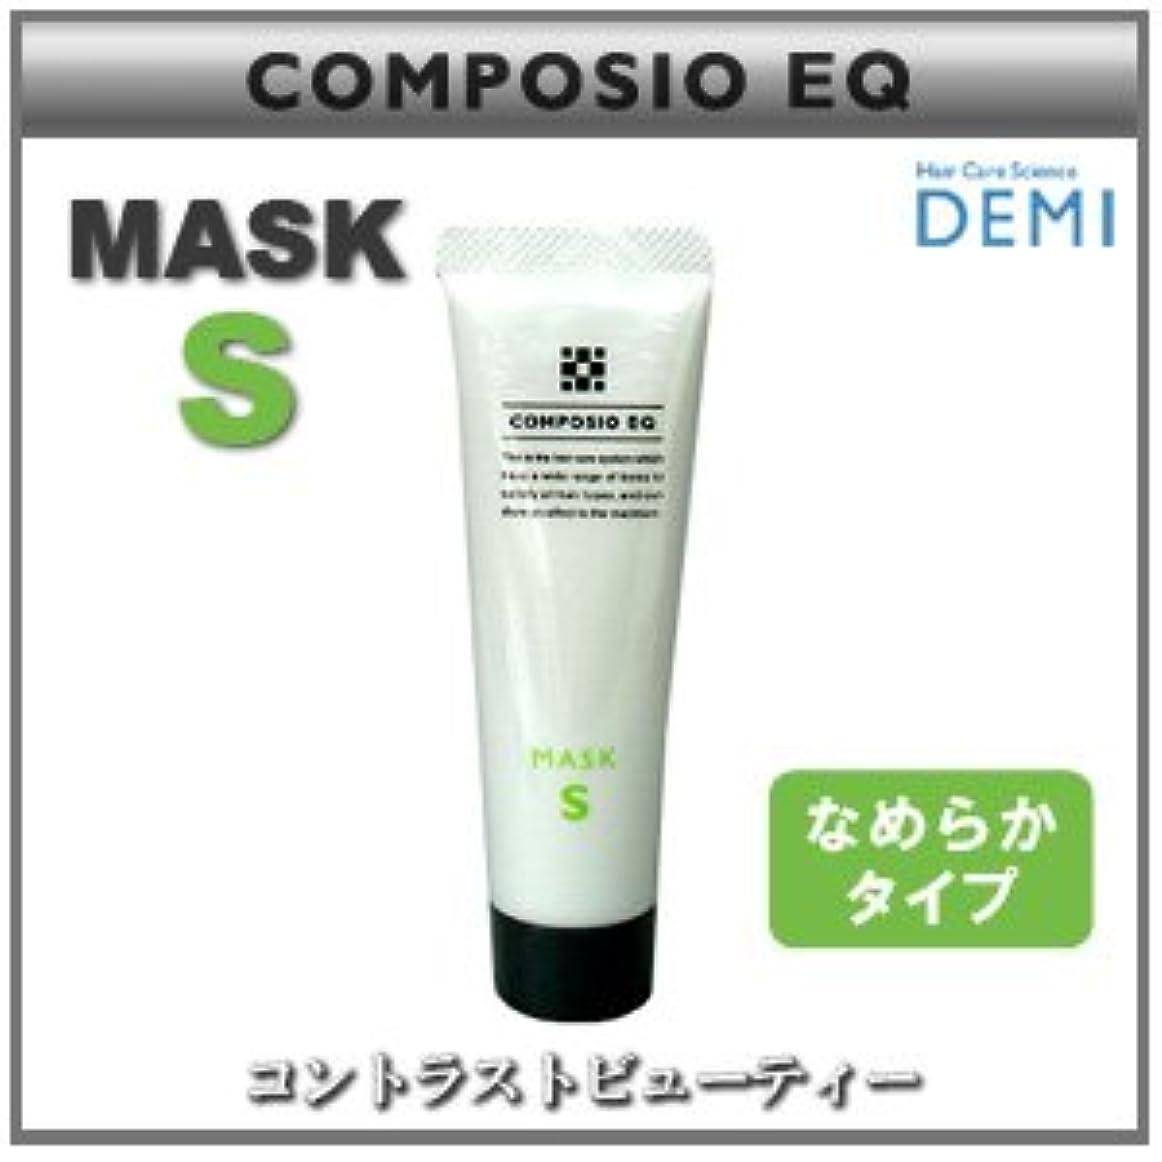 最小代表してドロー【X3個セット】 デミ コンポジオ EQ マスク S 50g